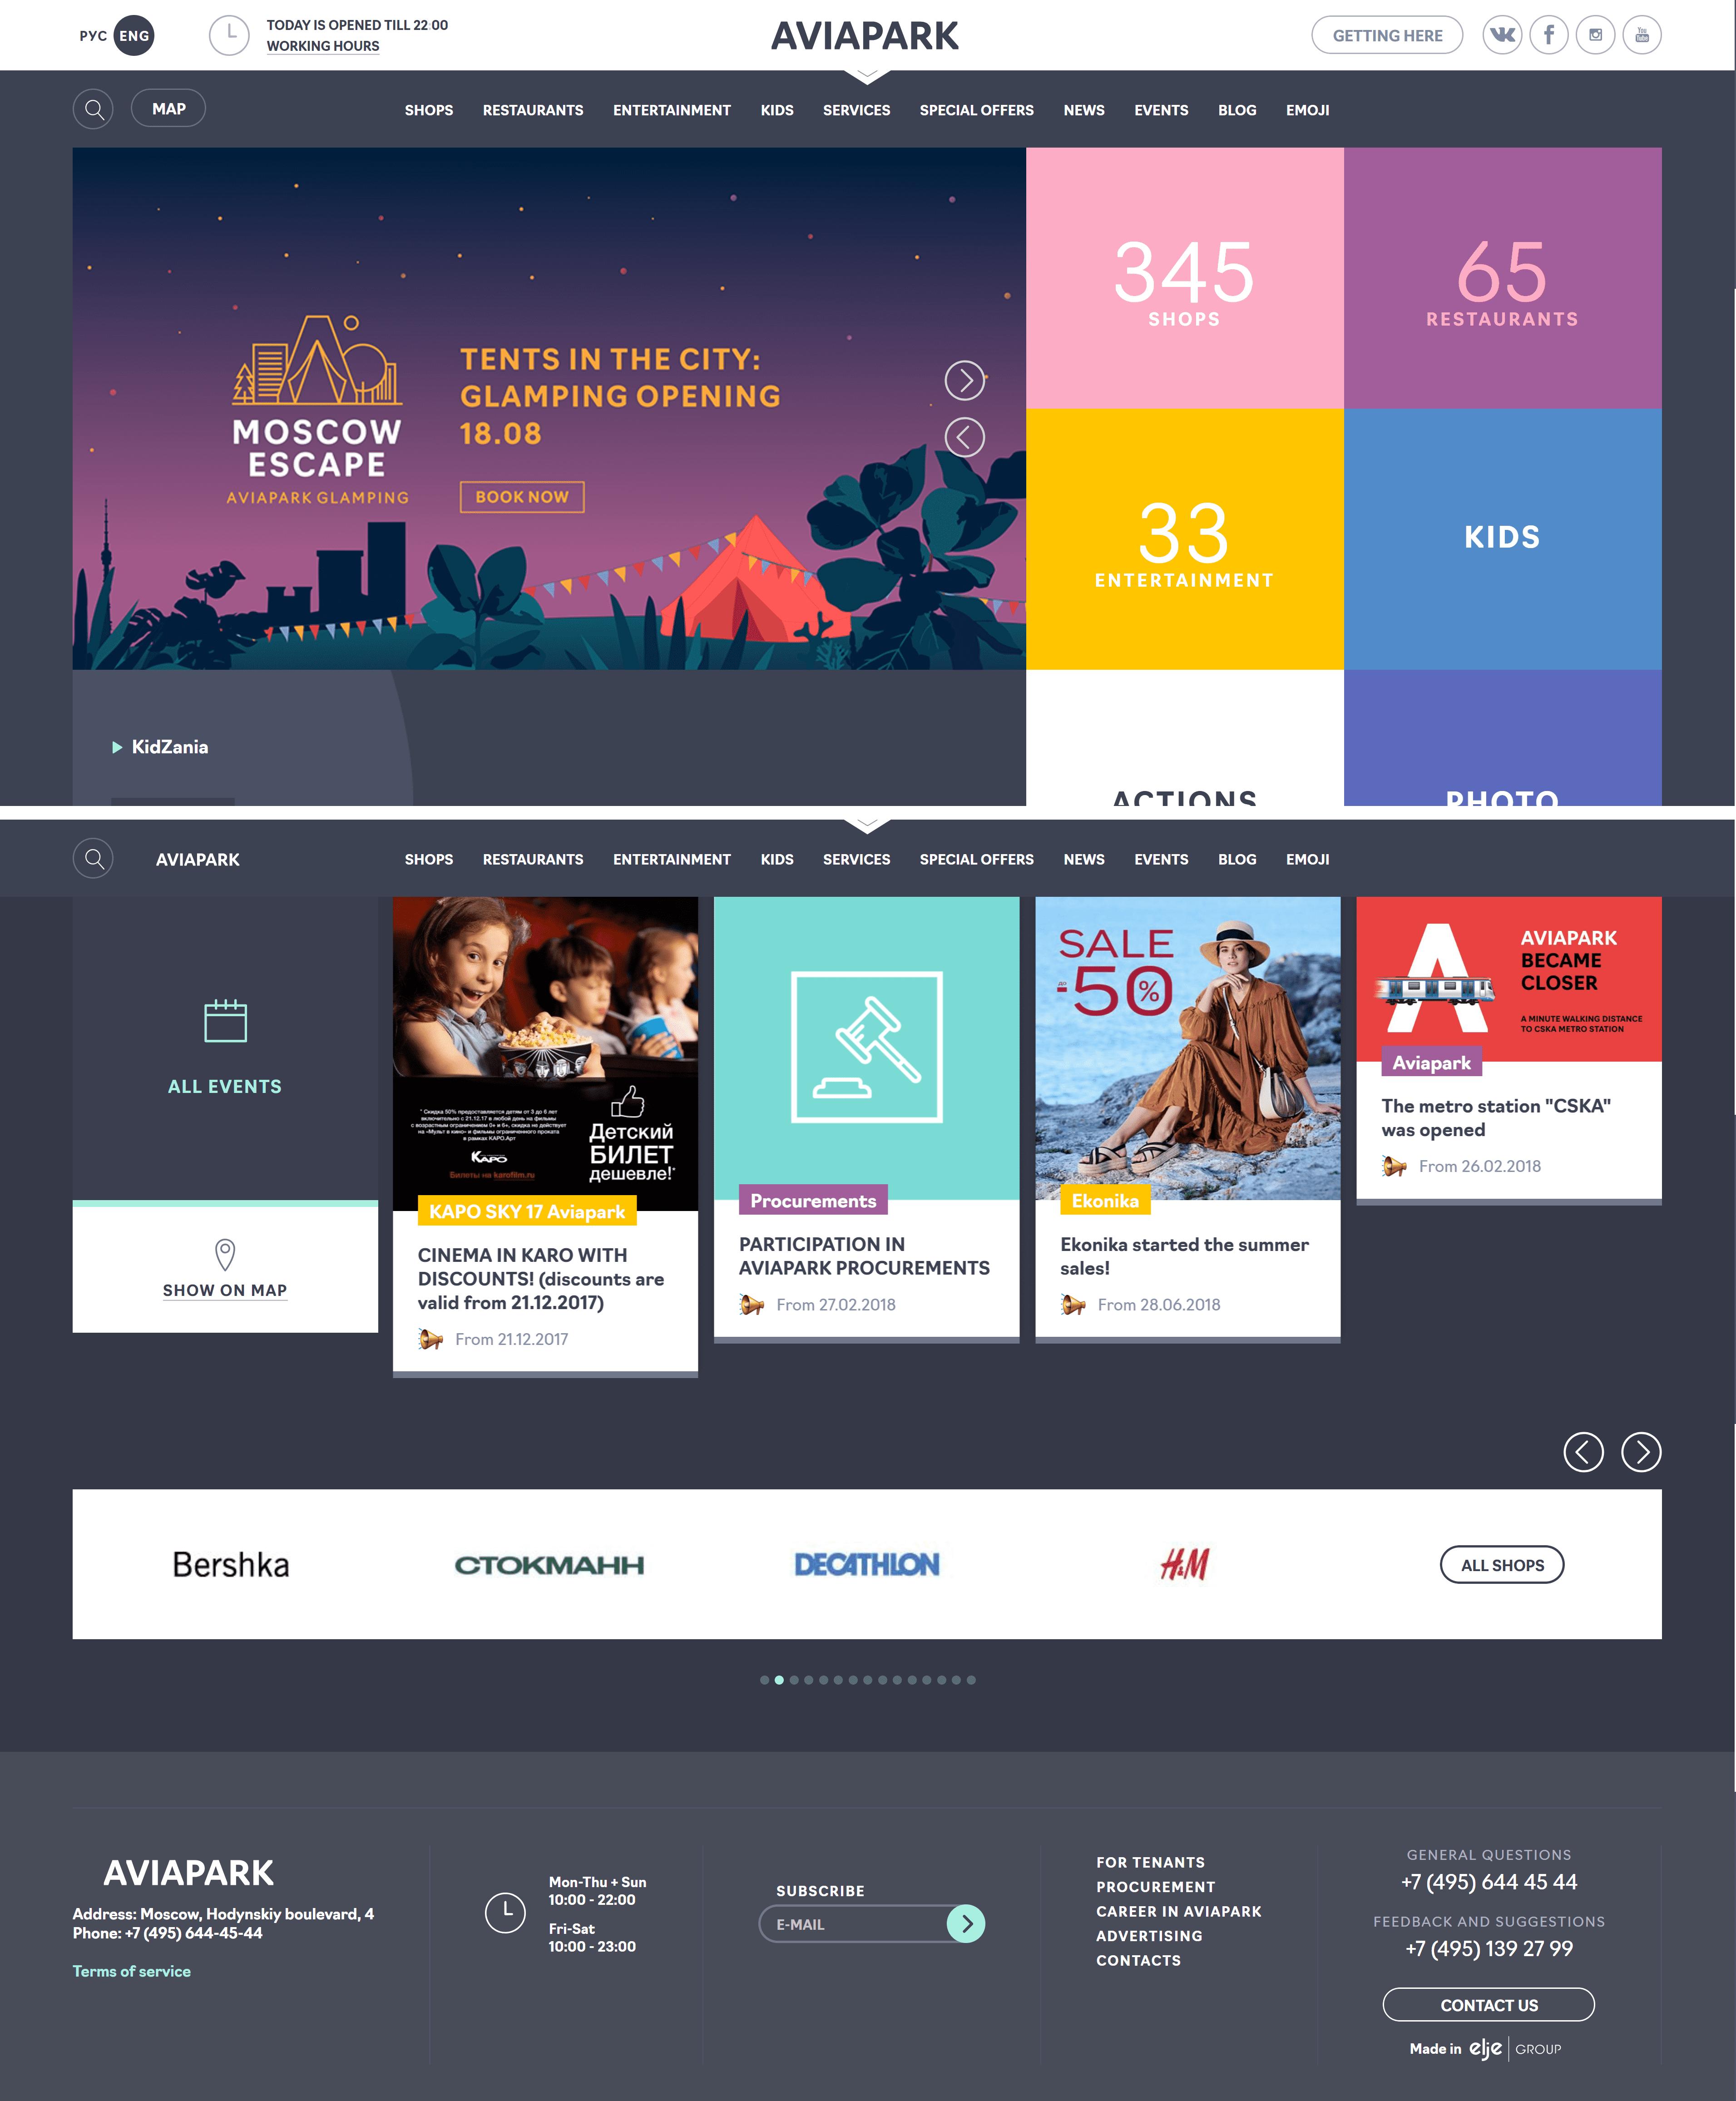 25 websites for web design inspiration in 25 weeks: Modern